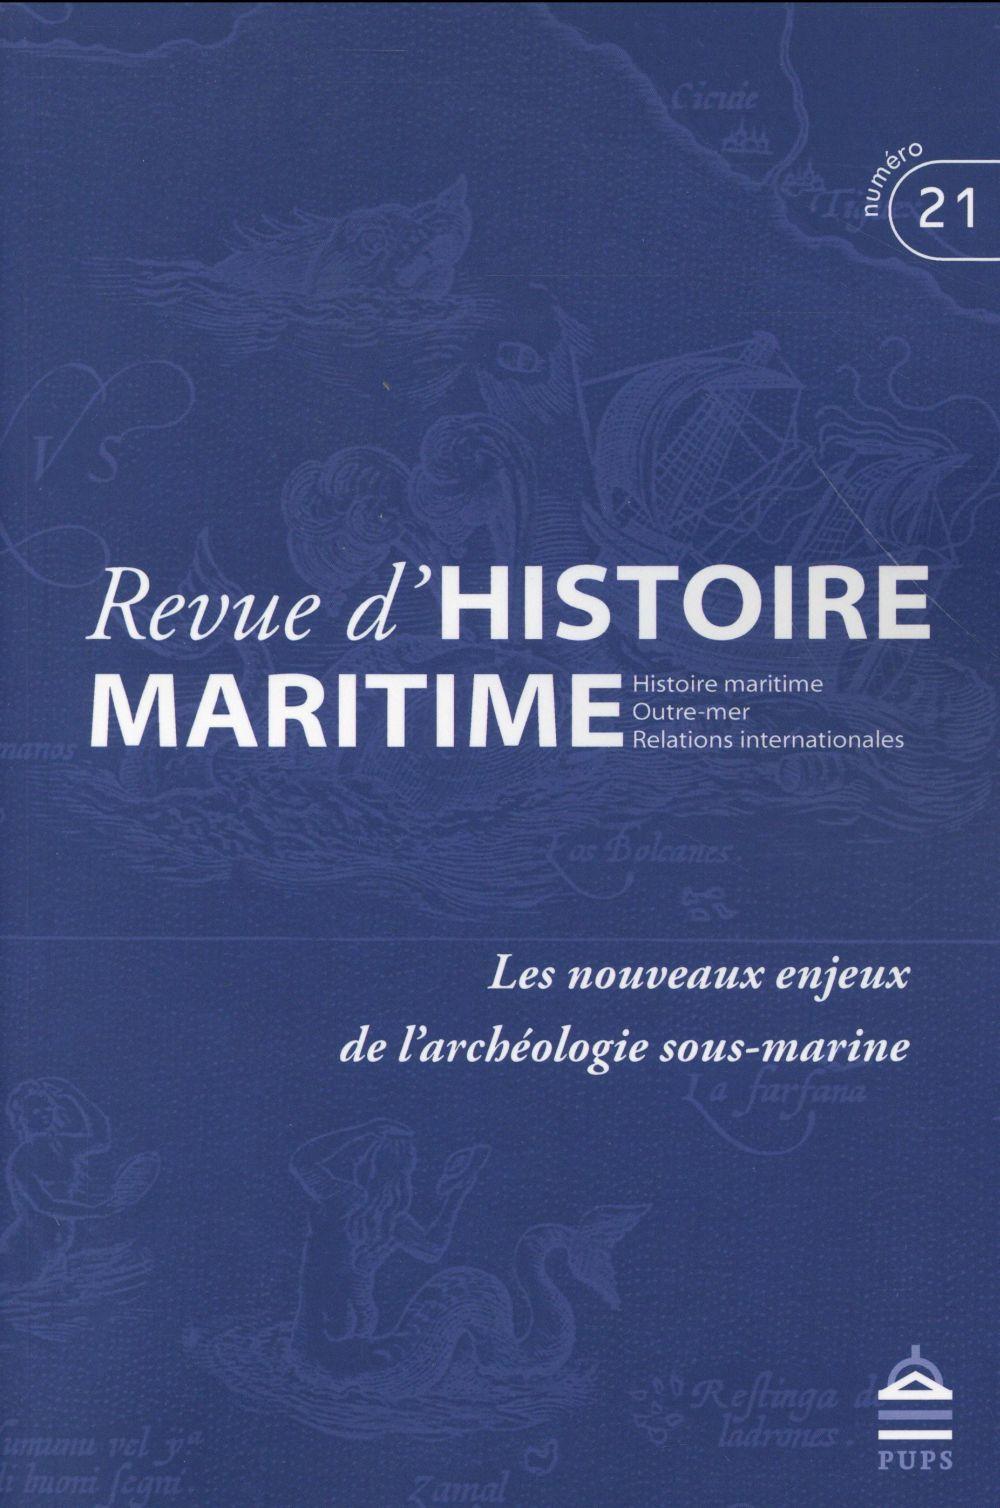 Revue d'histoire maritime T.21 ; les nouveaux enjeux de l'archéologie sous-marine